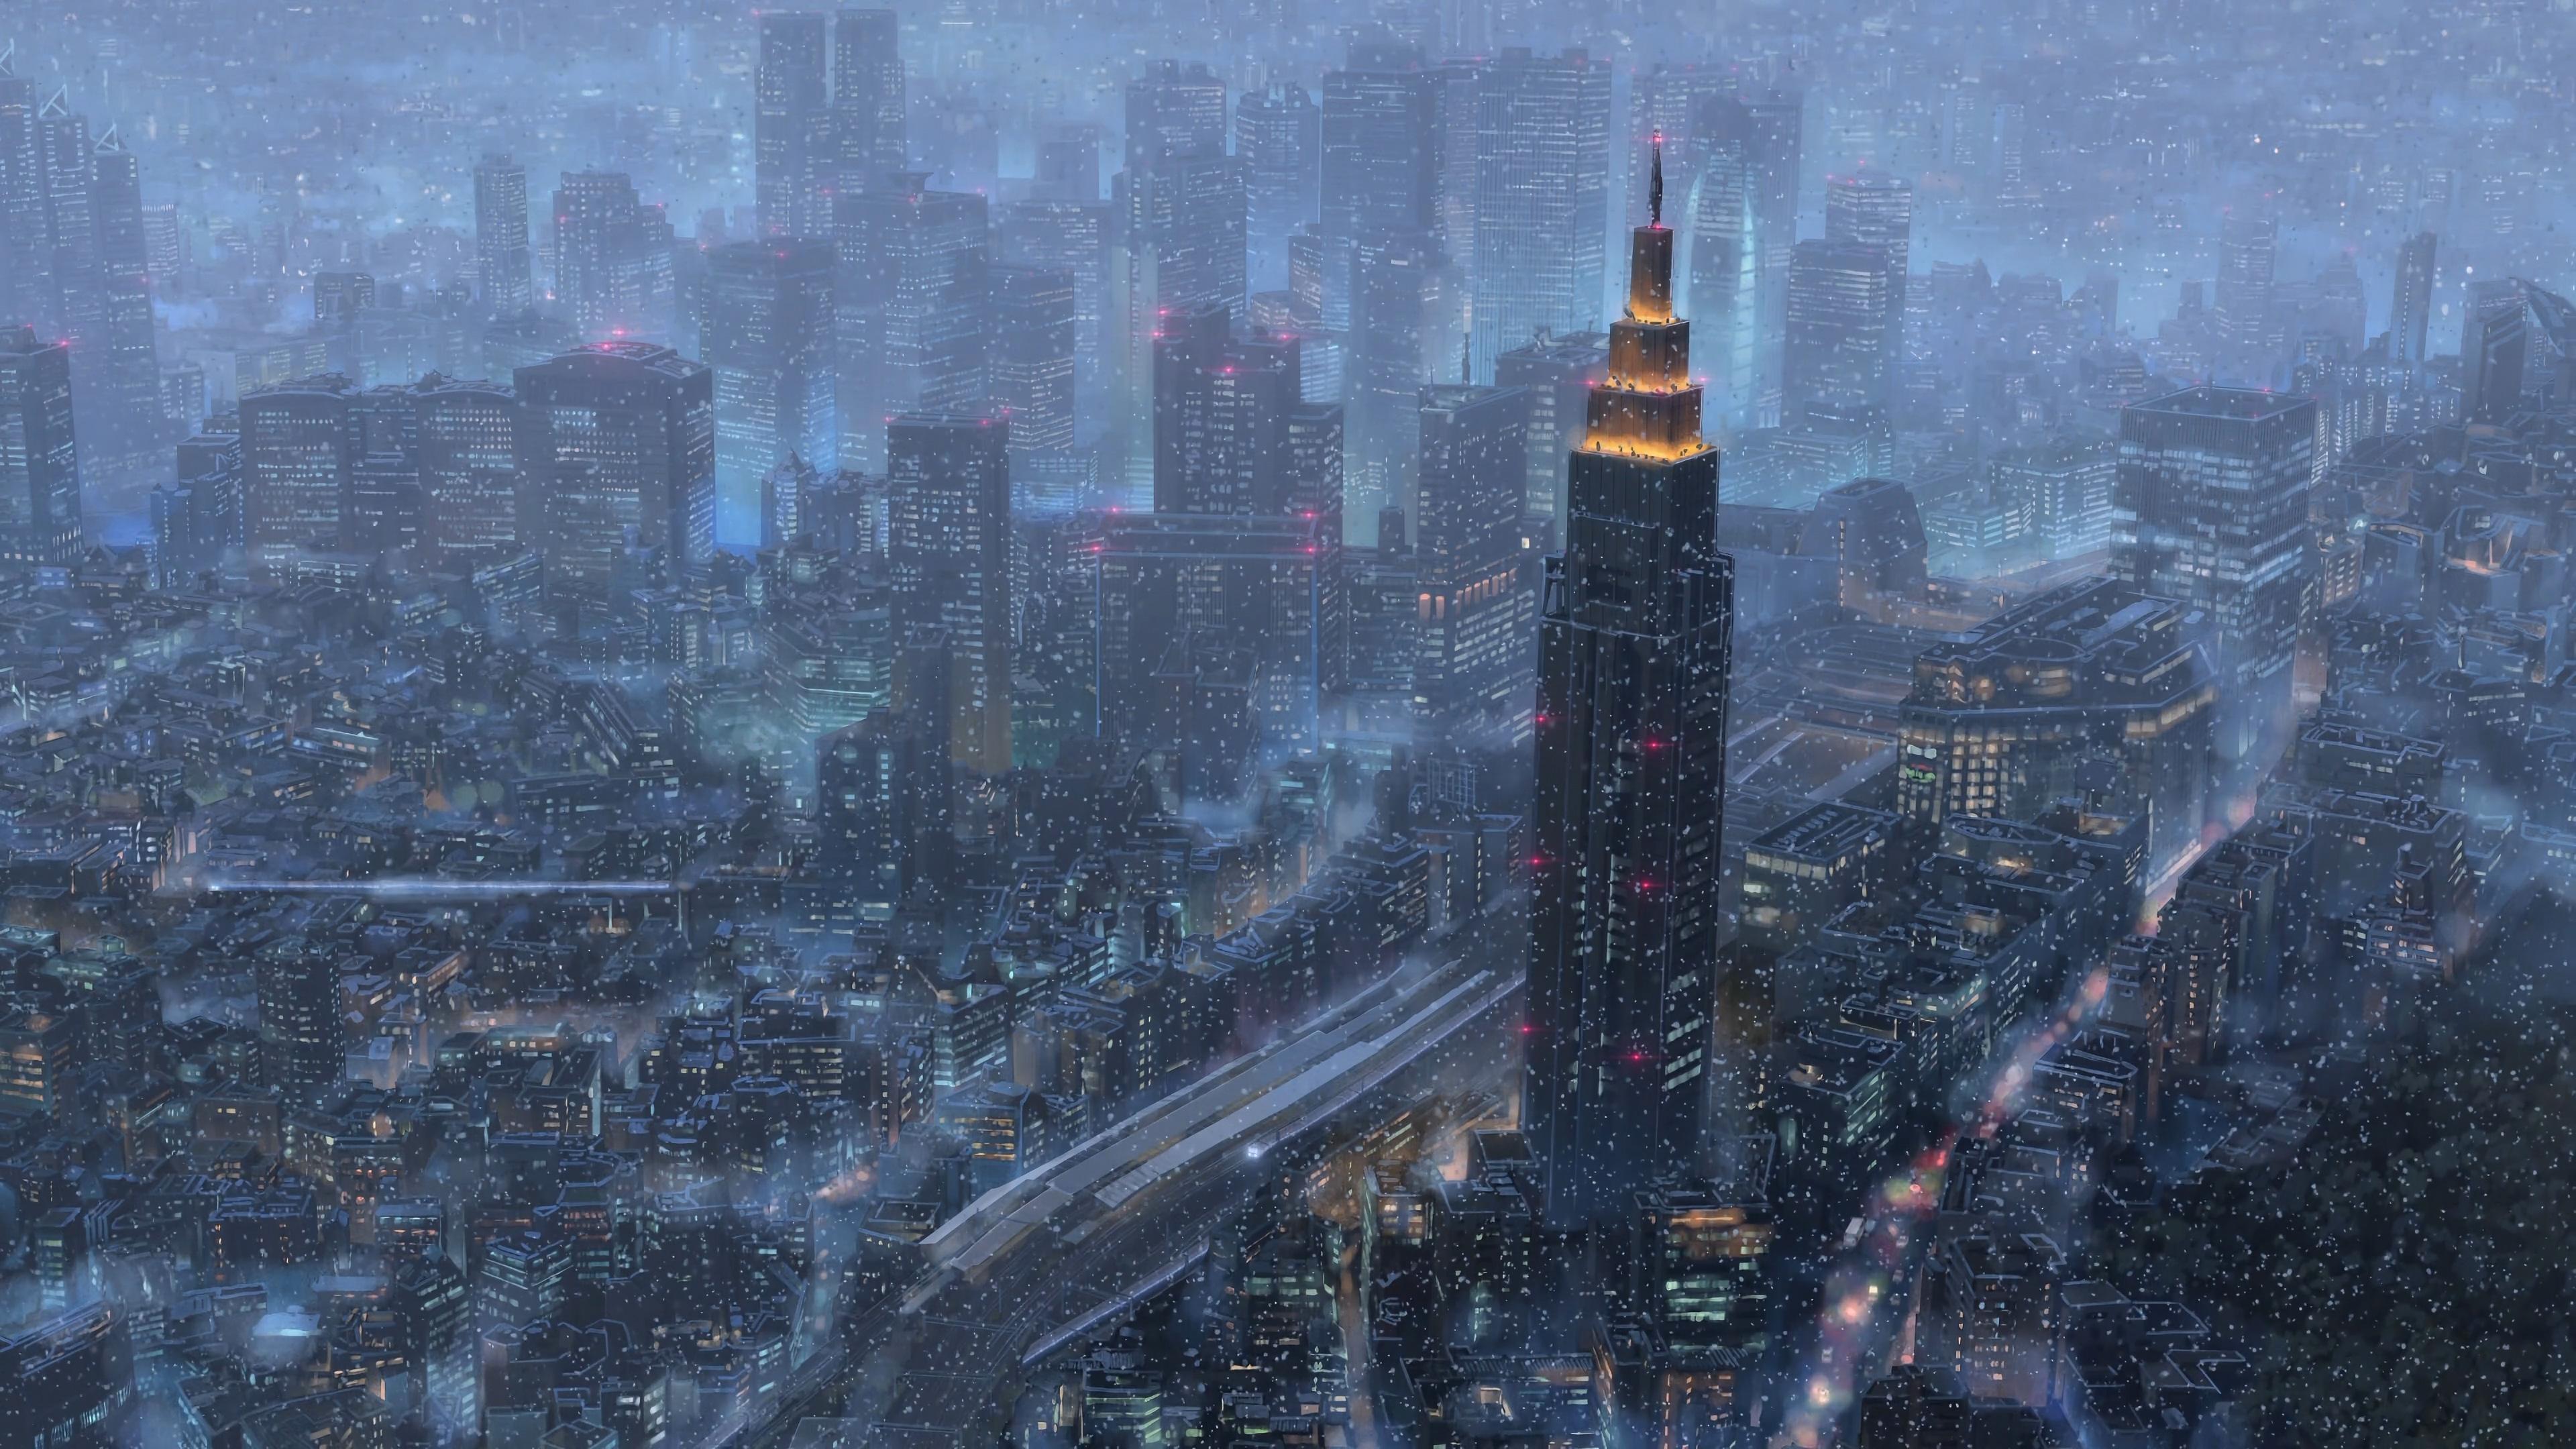 Makoto Shinkai Kimi No Na Wacityscape 4k, HD Artist, 4k